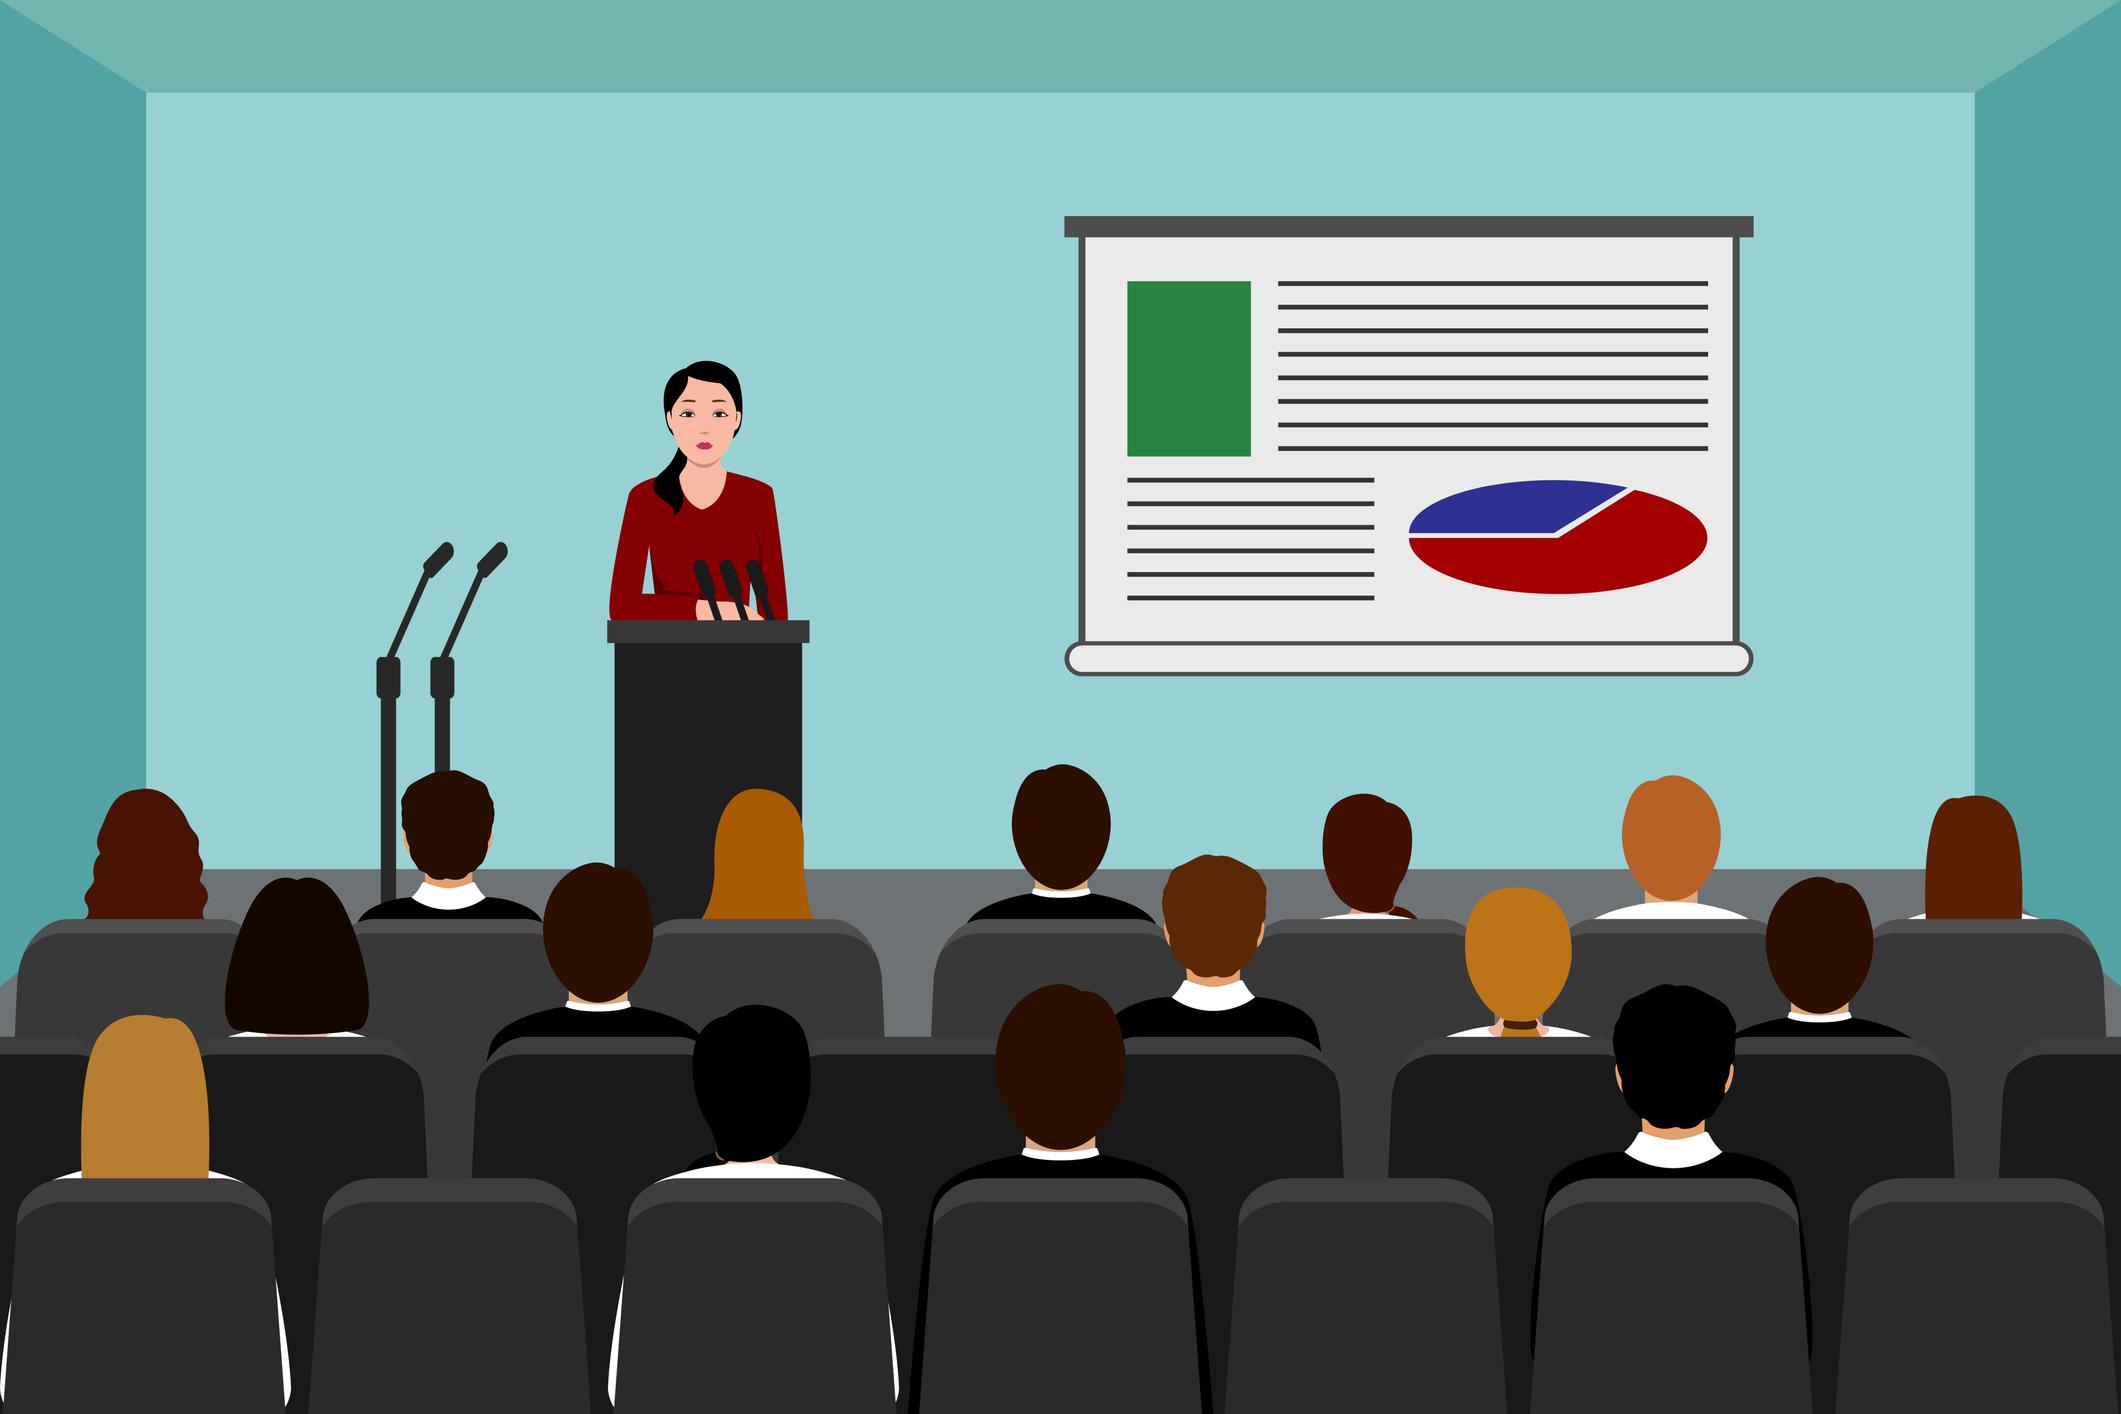 LT(ライトニングトーク)ってなに?テック系(webなど)の勉強会でよくあるLTについてご紹介